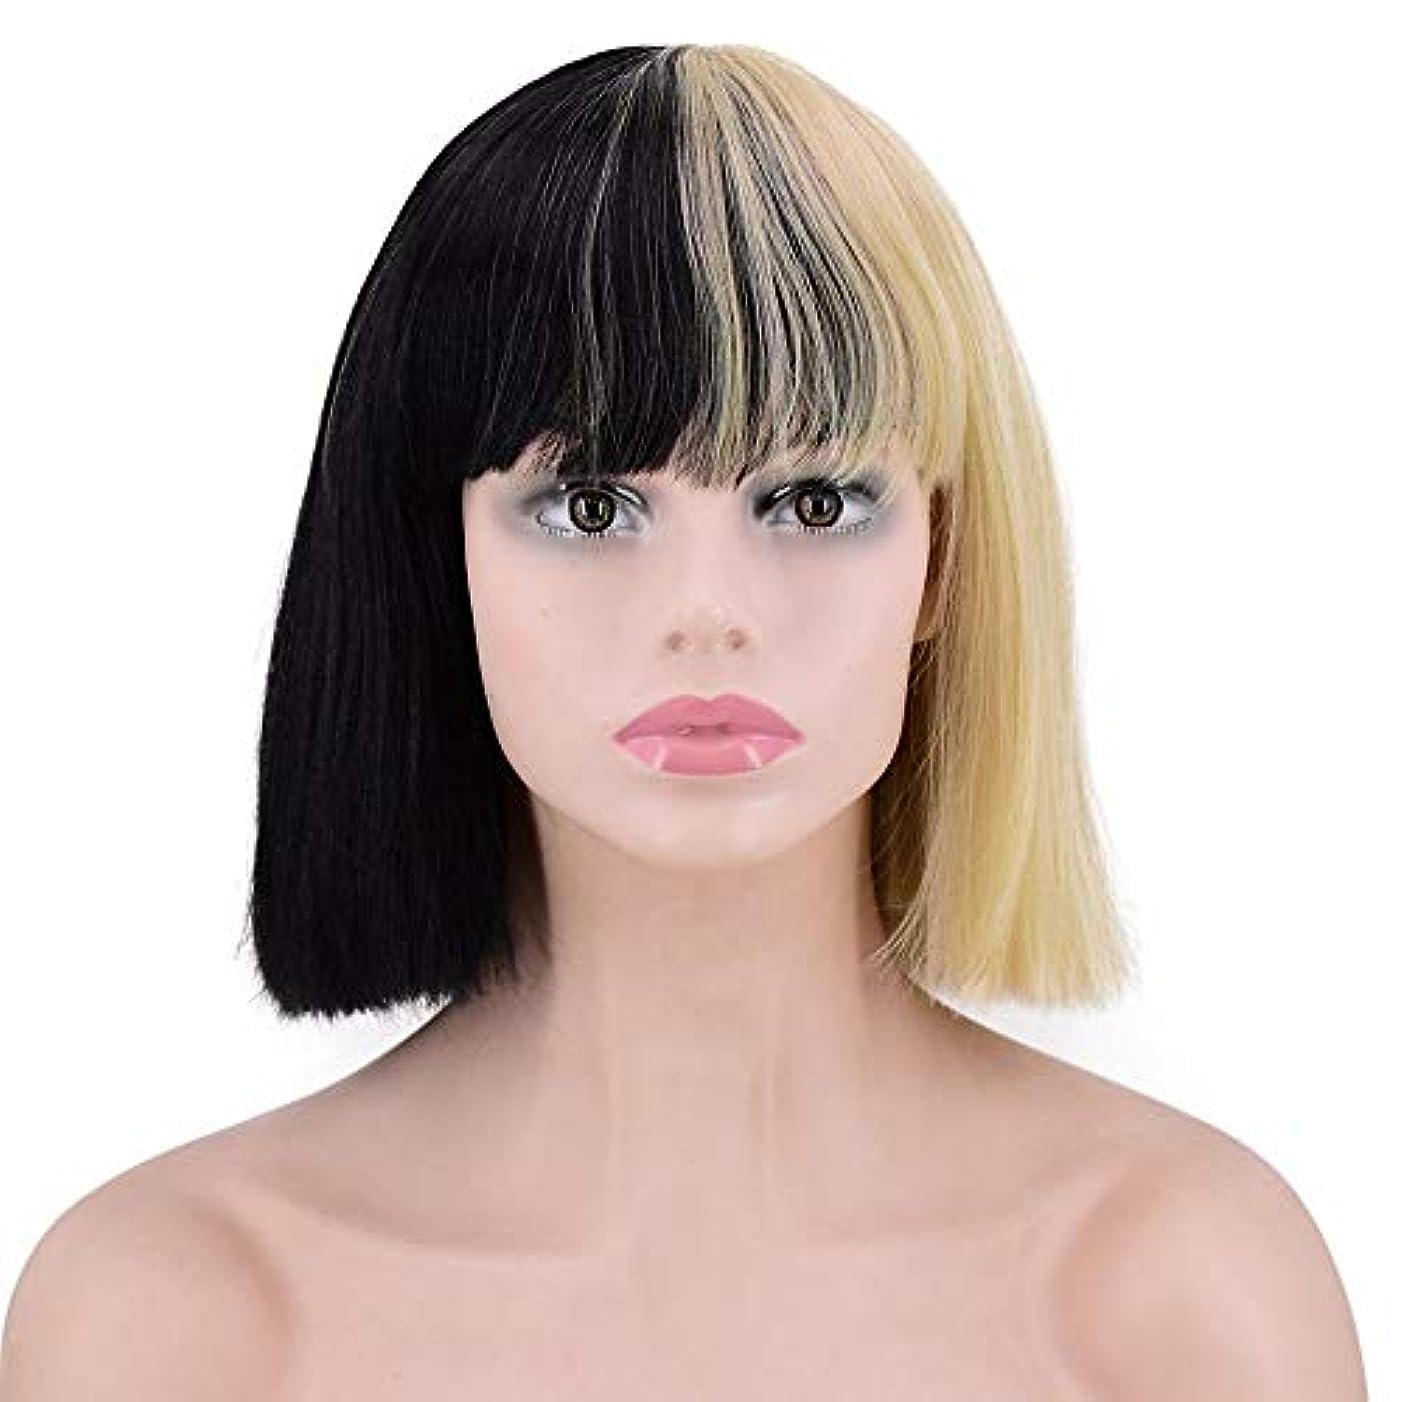 相対的実り多い悪いYOUQIU 女性の黒と白のふわふわショートストレート髪ボブ髪ほうき頭コスプレウィッグウィッグ (色 : Black/gold)